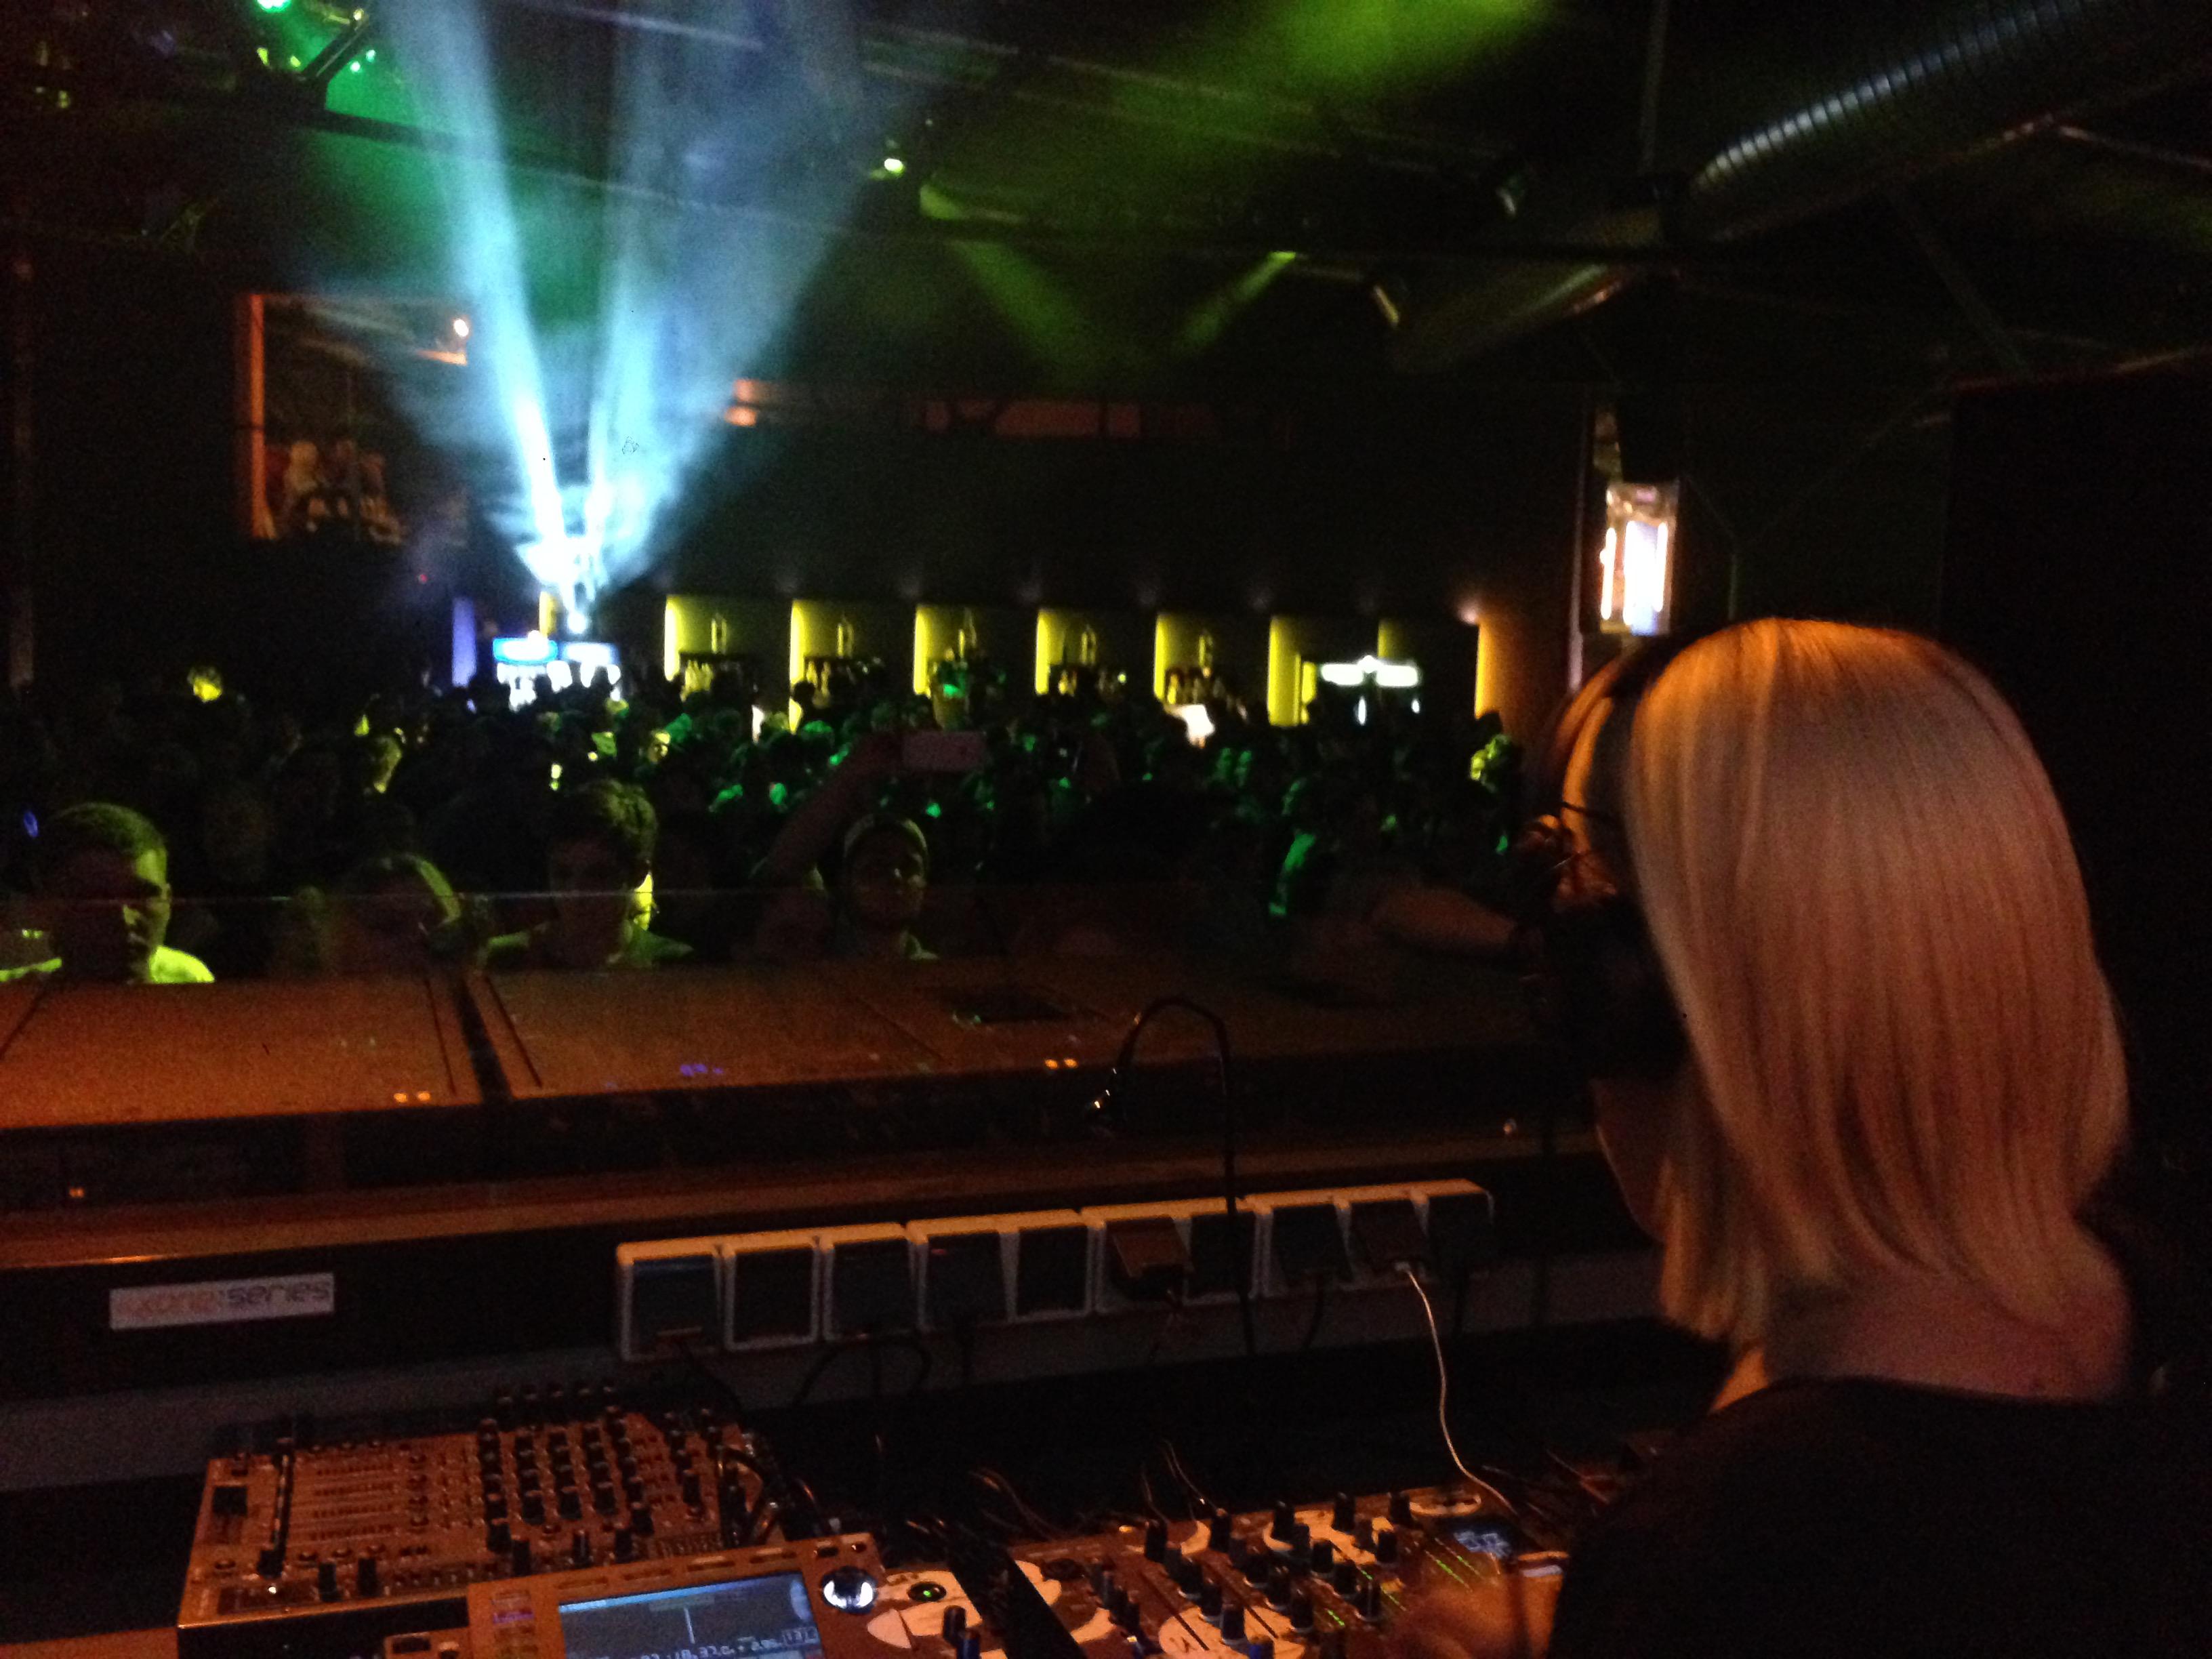 Ringlokschuppen, Bielefeld 17.04.2015